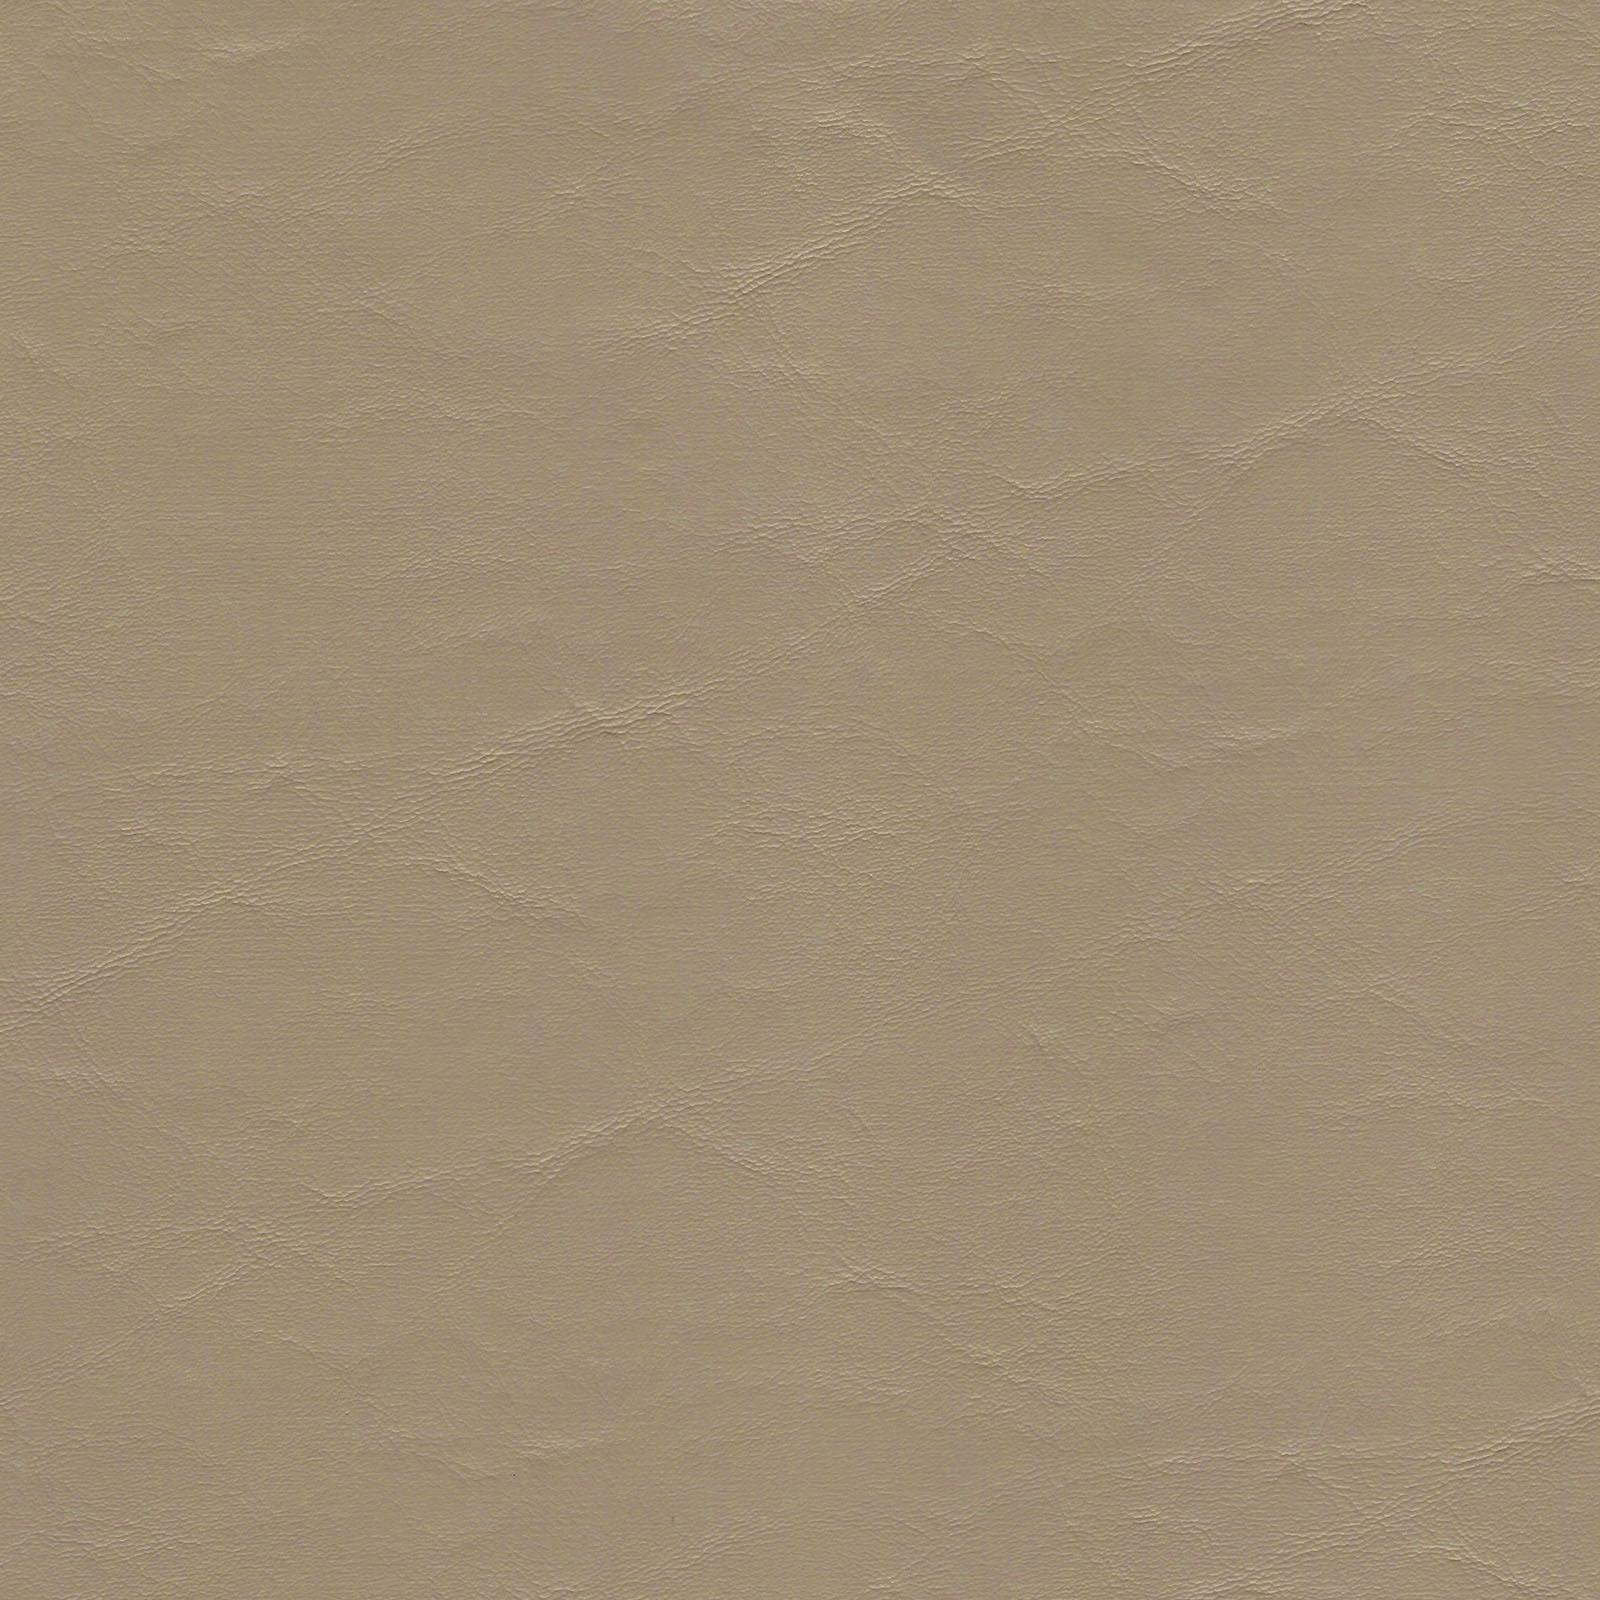 EZ Vinyl - EZY-5809 - Wallaby Neutral